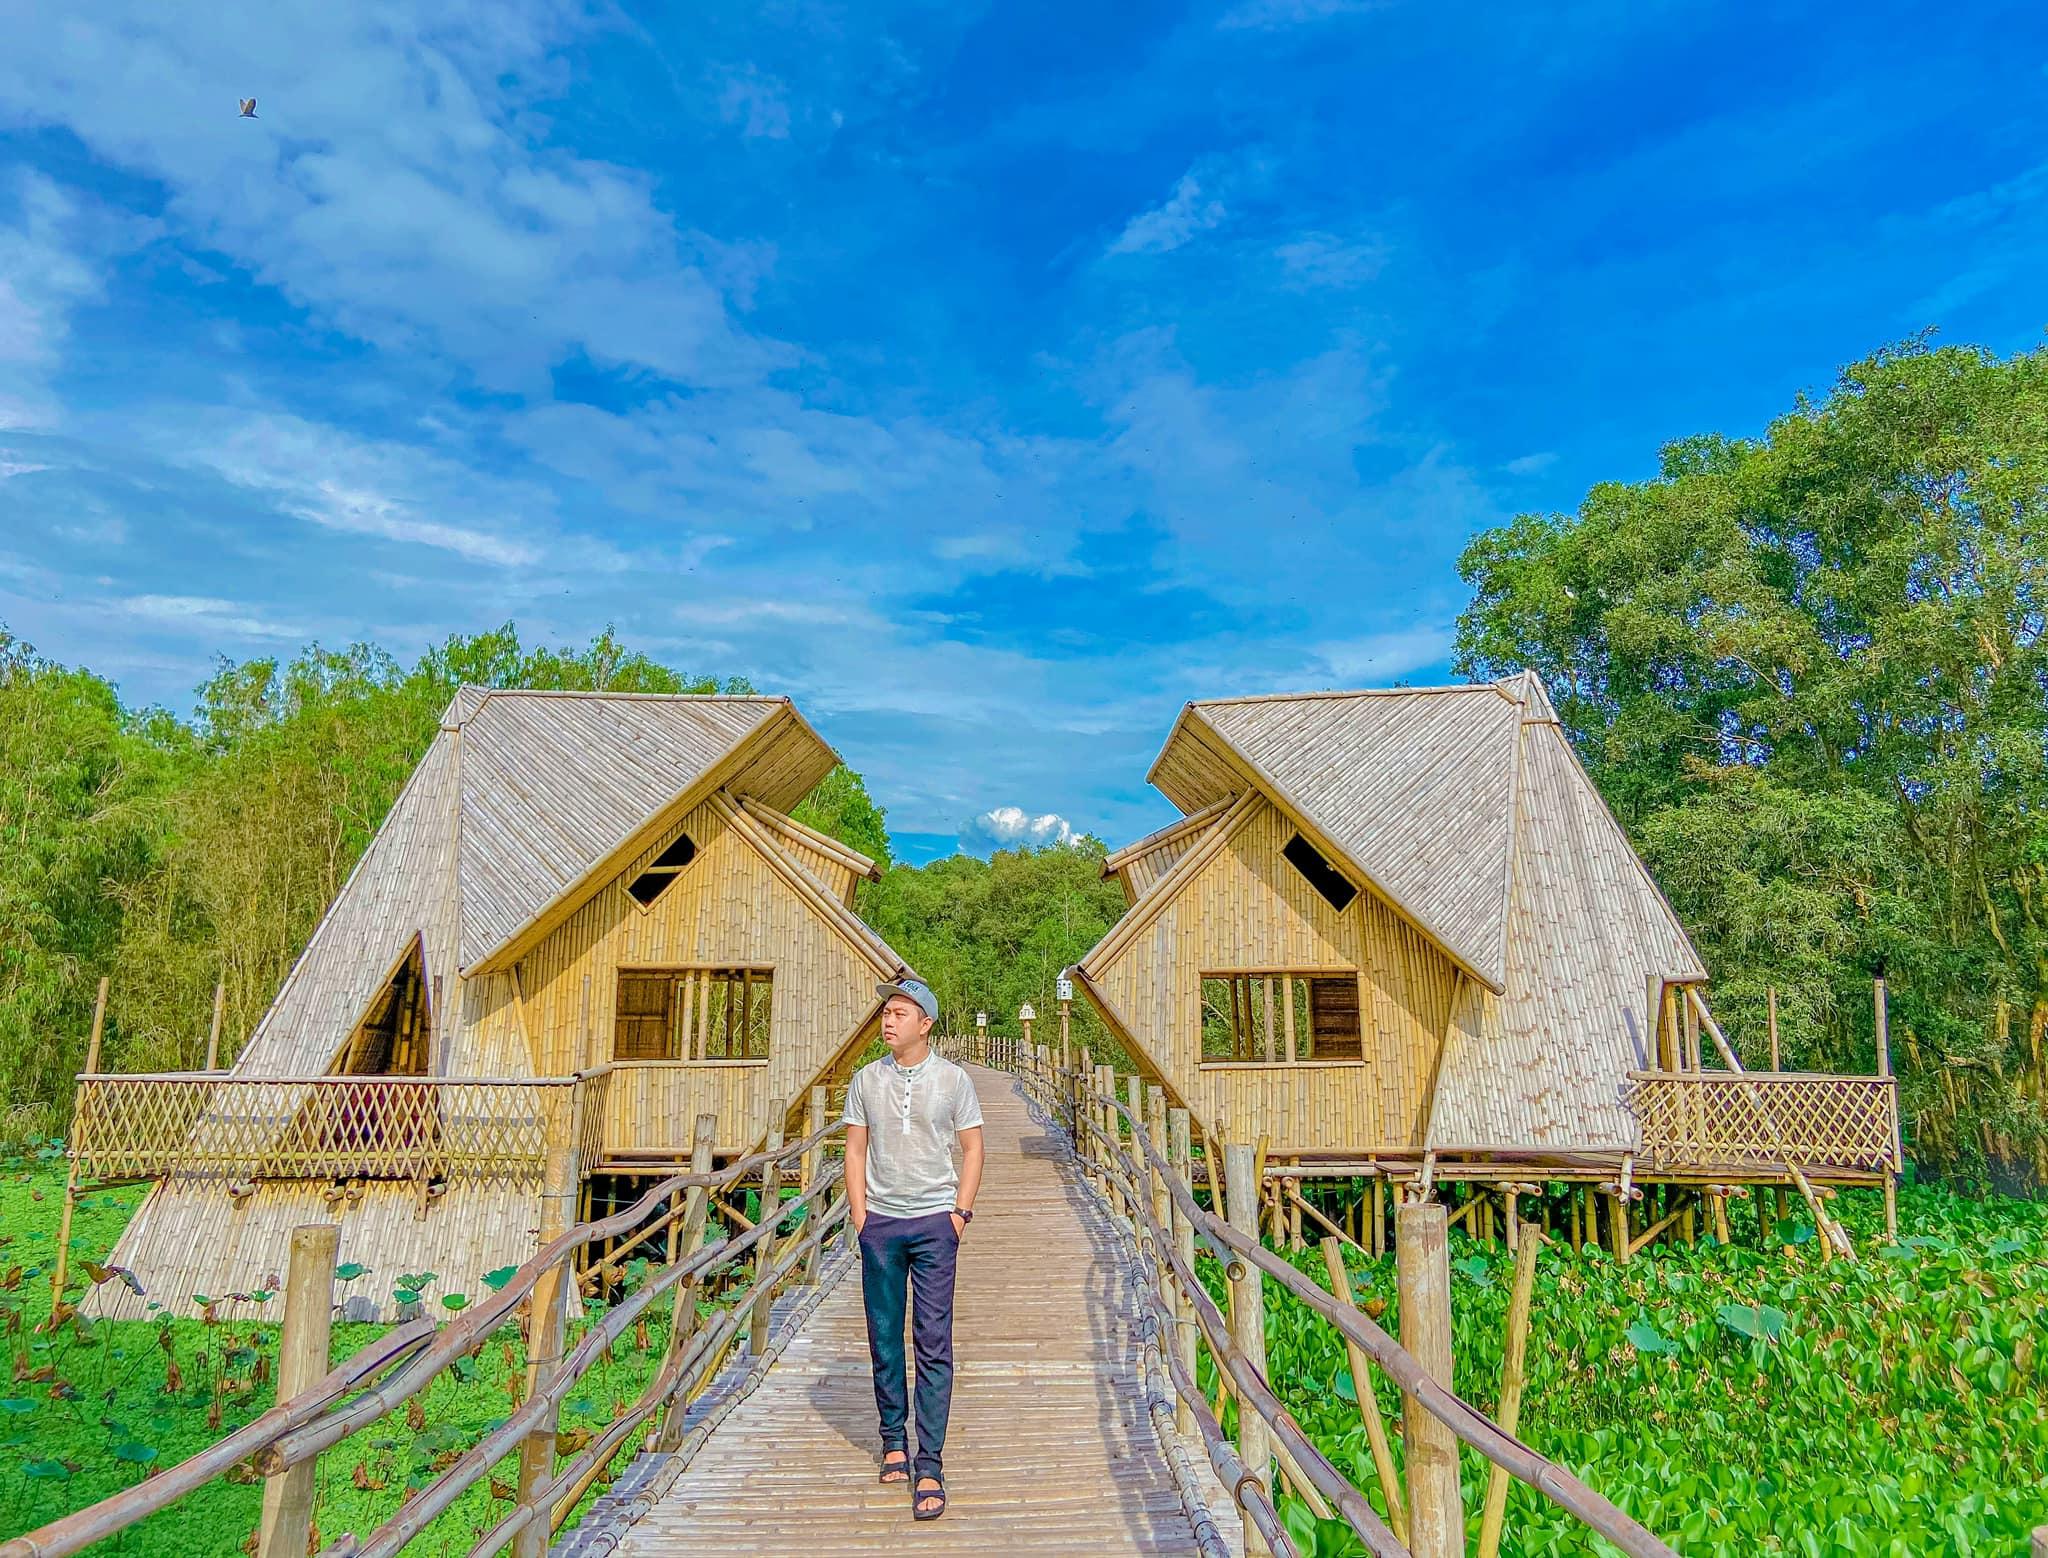 Hành trình khám phá những địa điểm đẹp nhất tại rừng tràm Trà Sư, An Giang  - Ảnh 6.